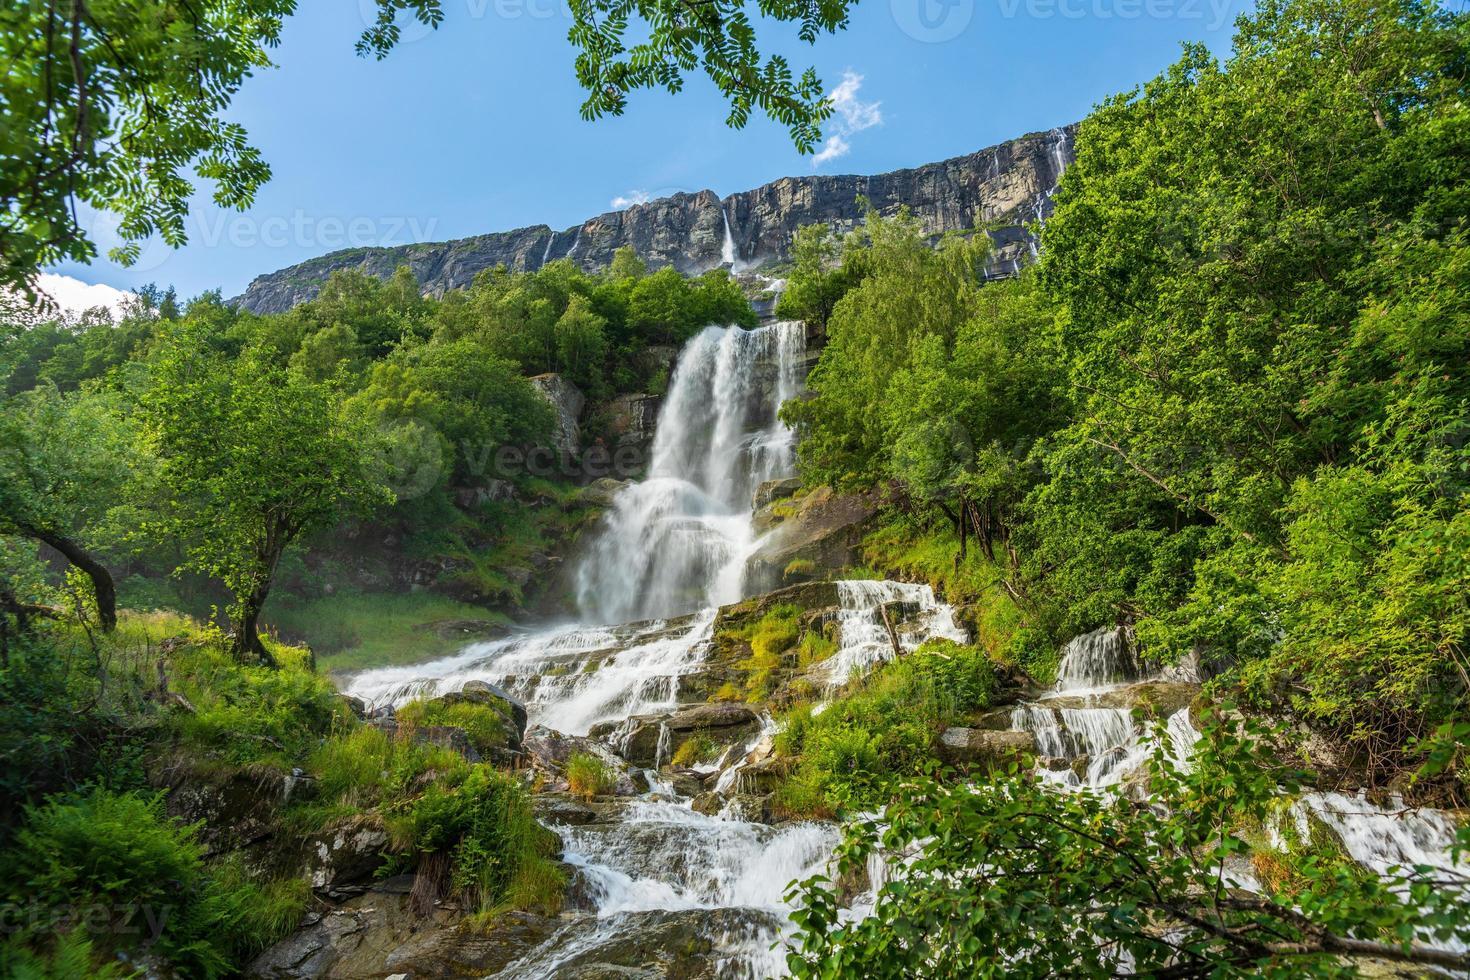 prachtige waterval doorspoelen van een berghelling in noorwegen foto